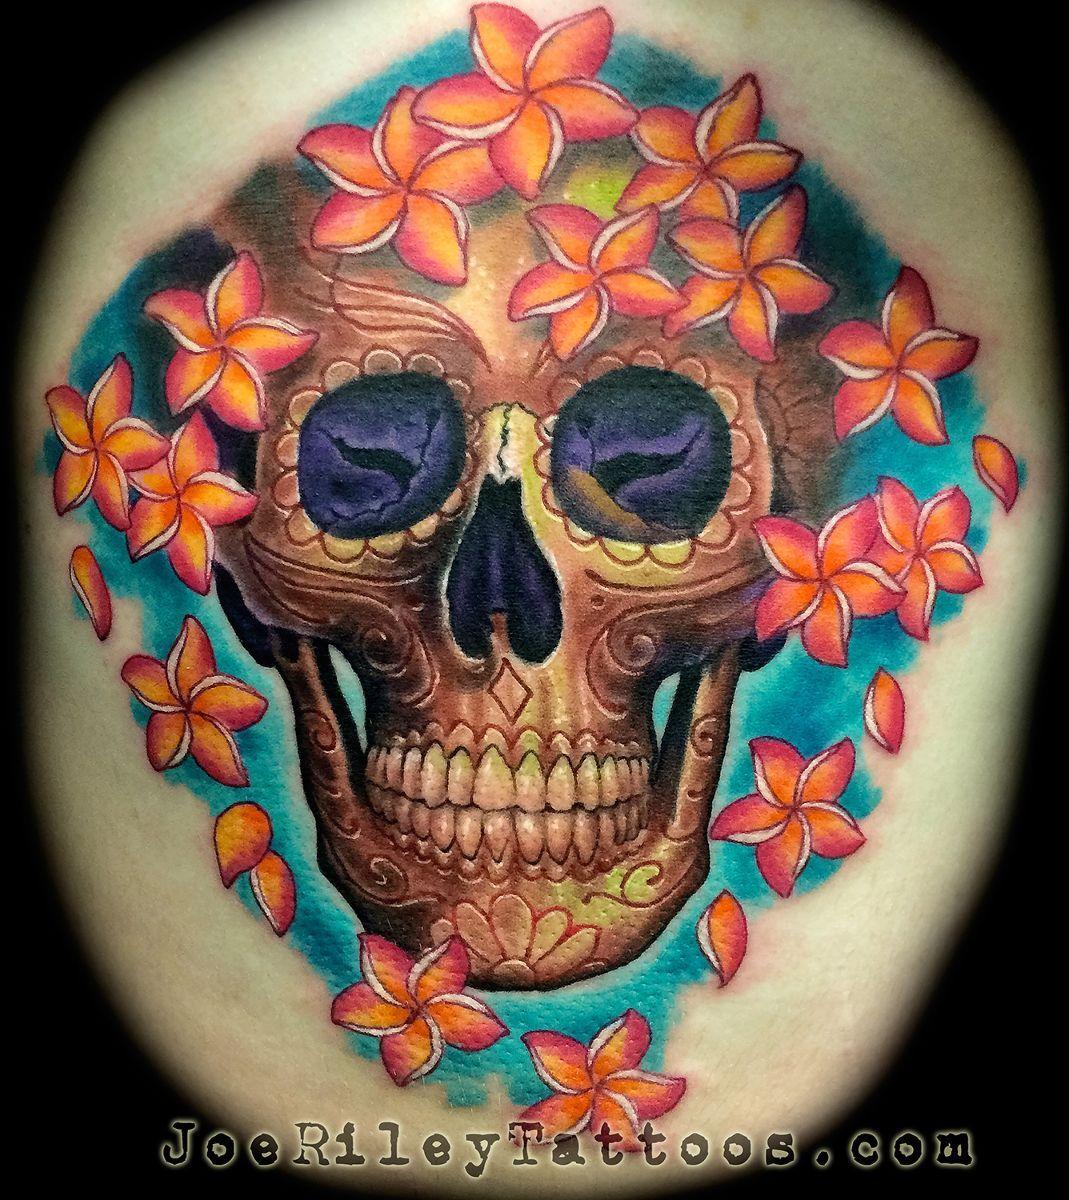 best tattoo shops las vegas, best tattoo artists las vegas